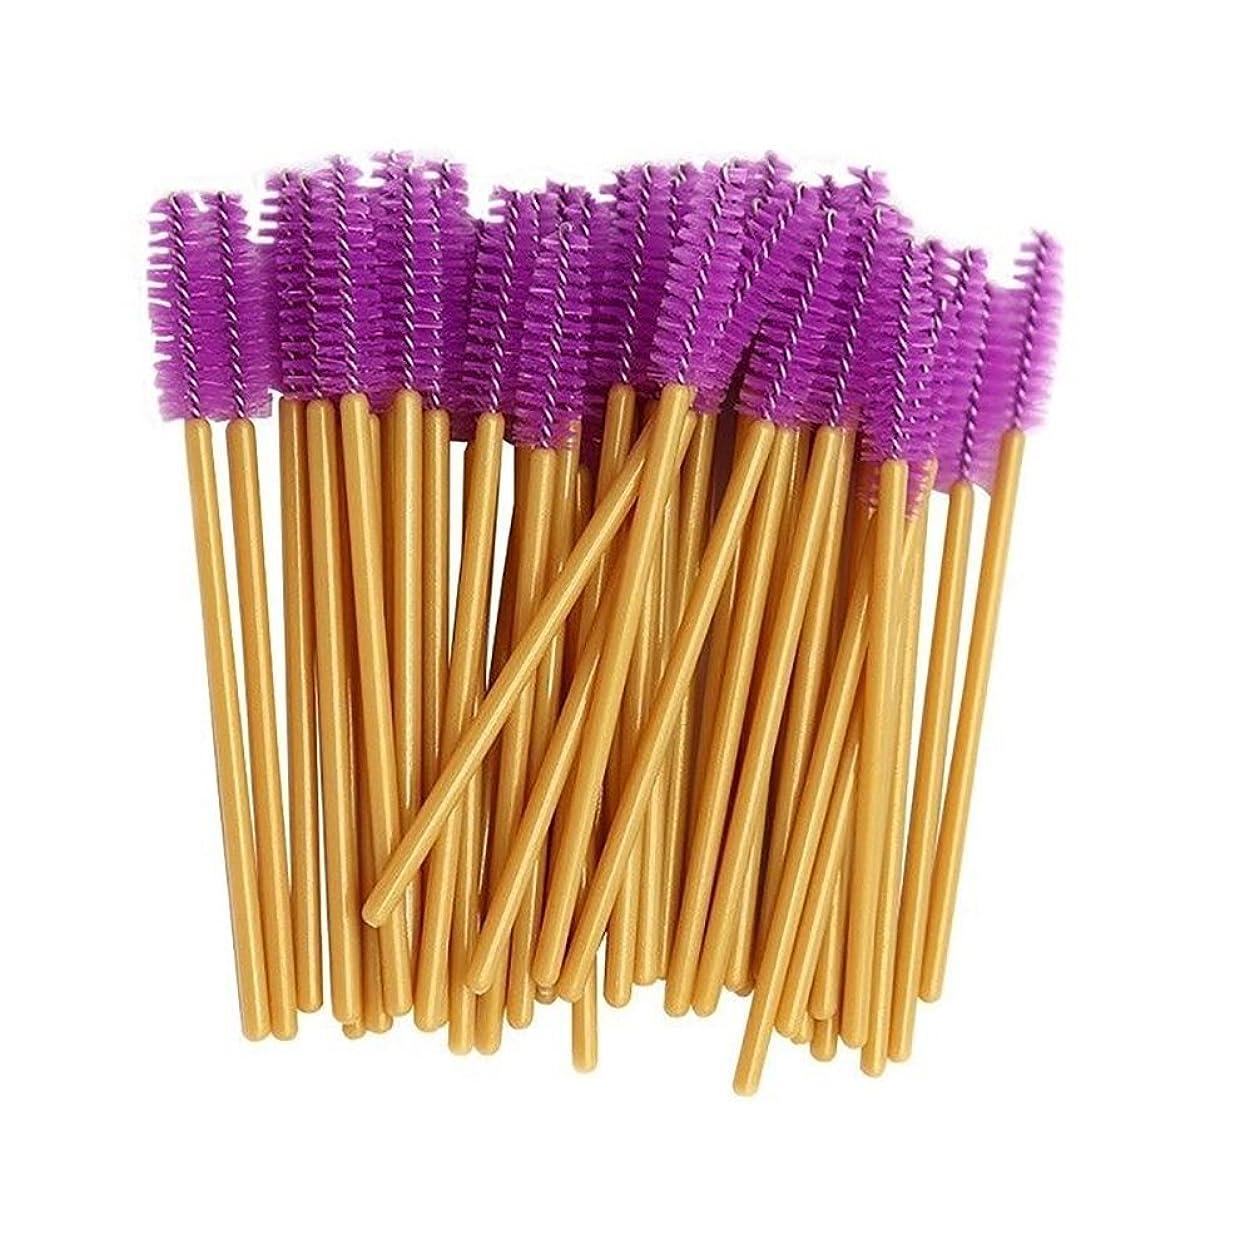 修士号組み立てる樹皮LUOSAI メイクアップブラシ、50個使い捨てマスカラワンドまつげブラシアプリケータ化粧道具ポータブル - ゴールデン+ブラック (Color : Golden+Dark Purple)